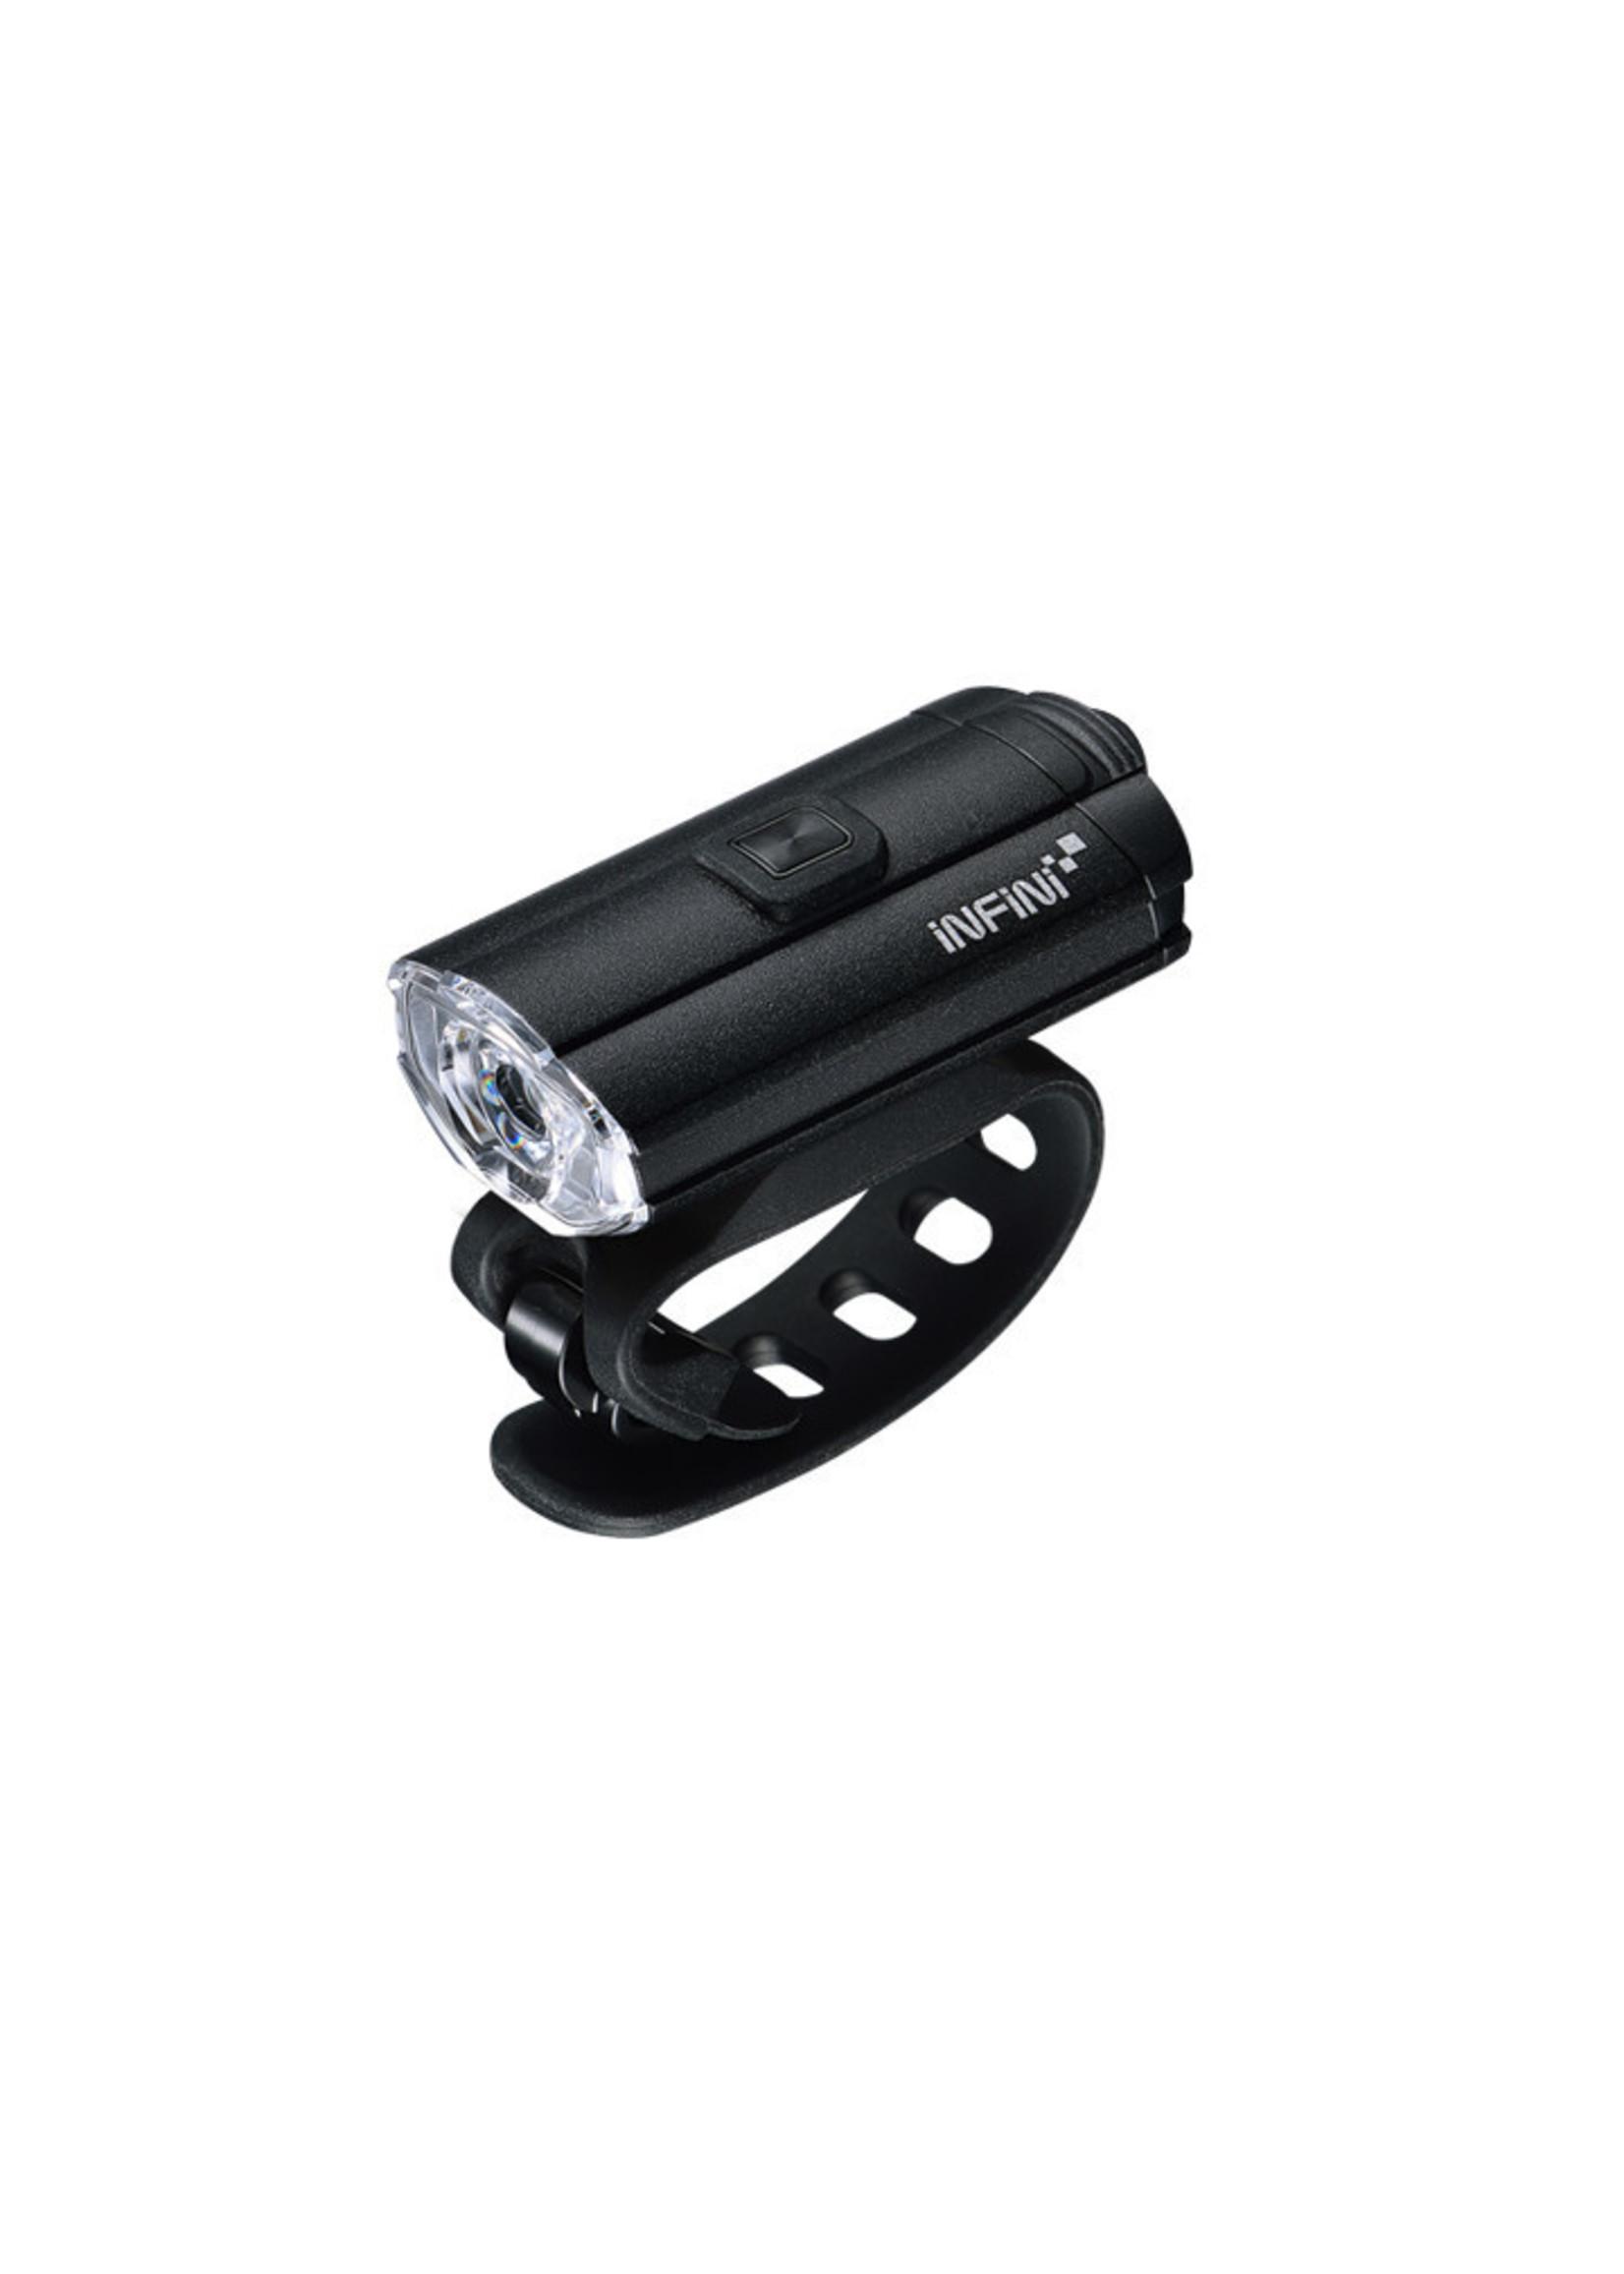 INFINI TRON 100 I-280P USB FRONT LIGHT